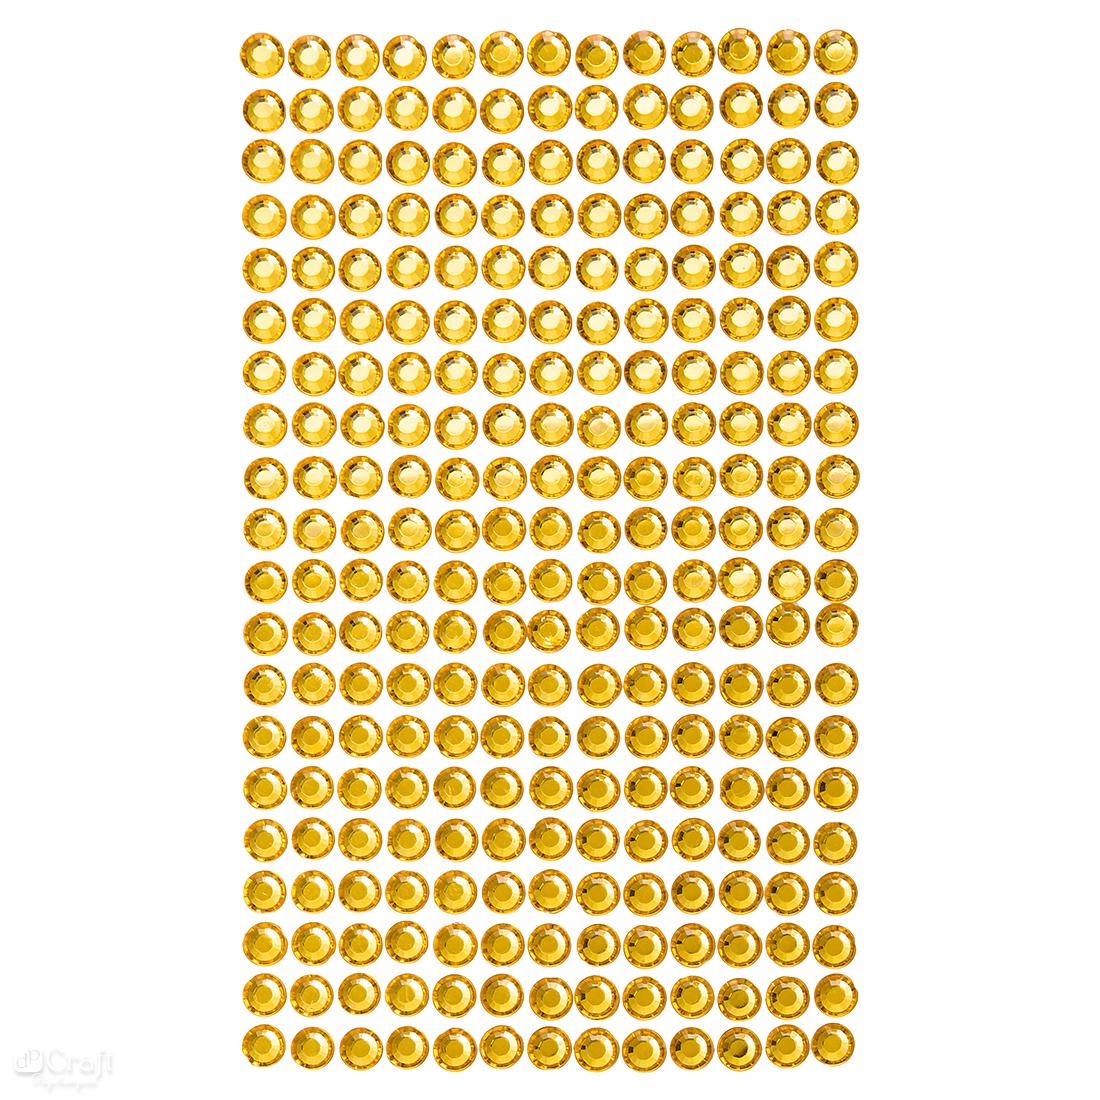 Krystalky samolepicí, 6 mm, 260 kusů - žluté